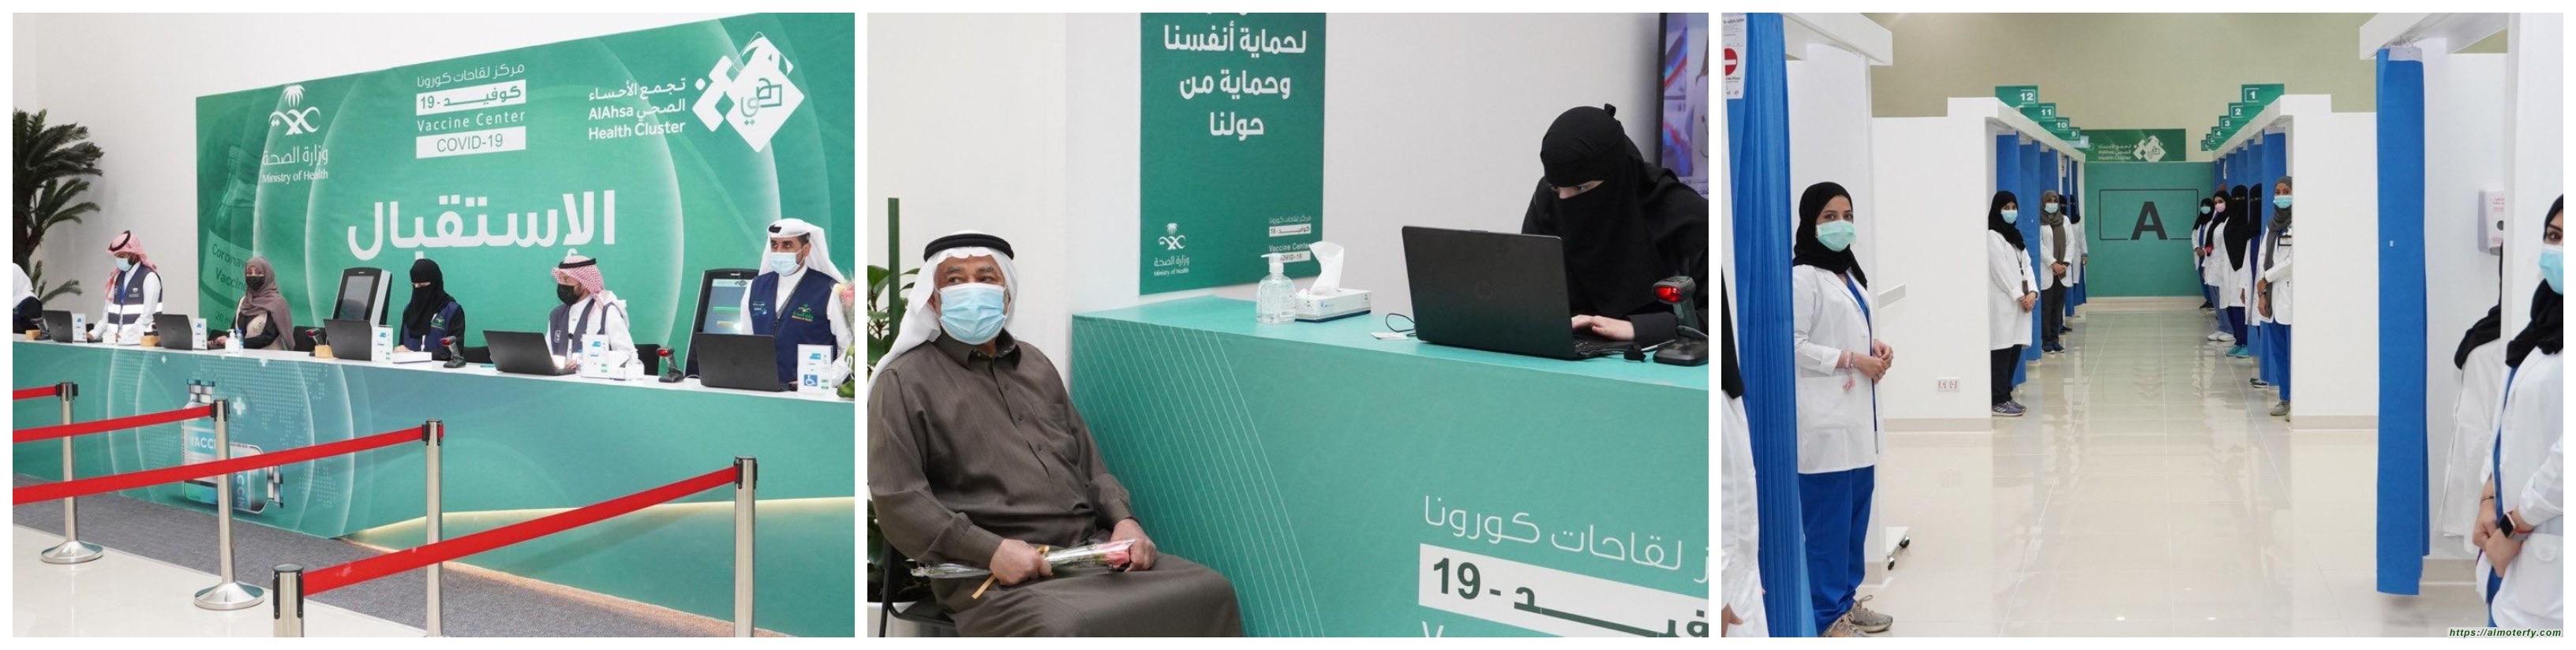 بعد توافر اللقاح ؛ وزارة الصحة تدشين مركز لقاحات كورونا في الأحساء